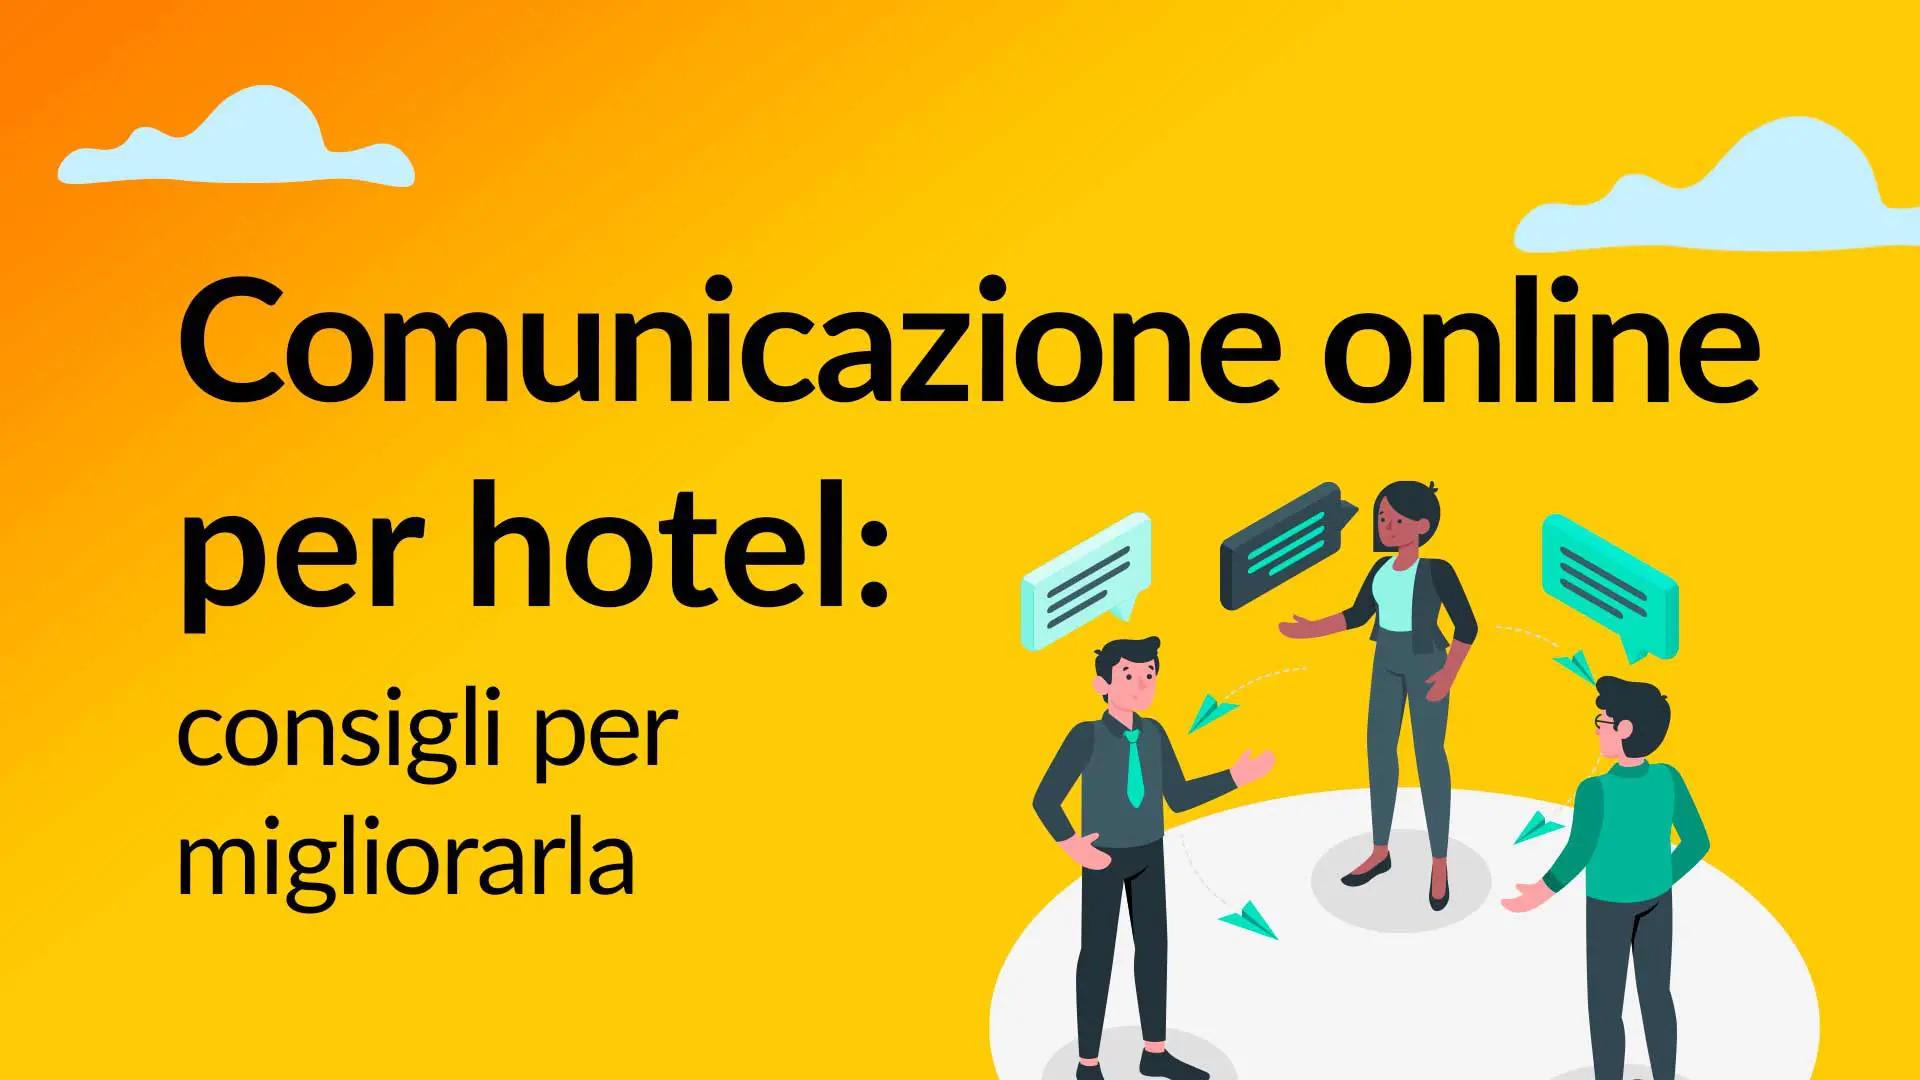 Consigli per migliorare la comunicazione online per hotel